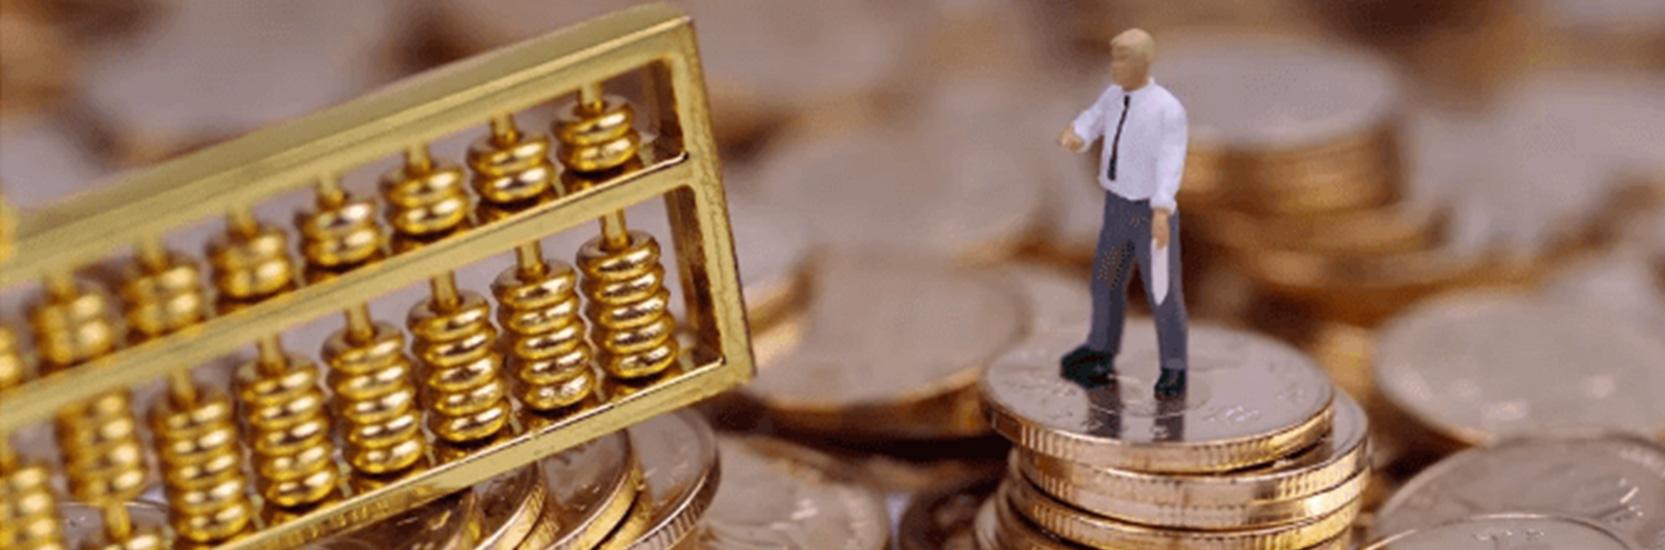 新时代融资担保将推动普惠信贷